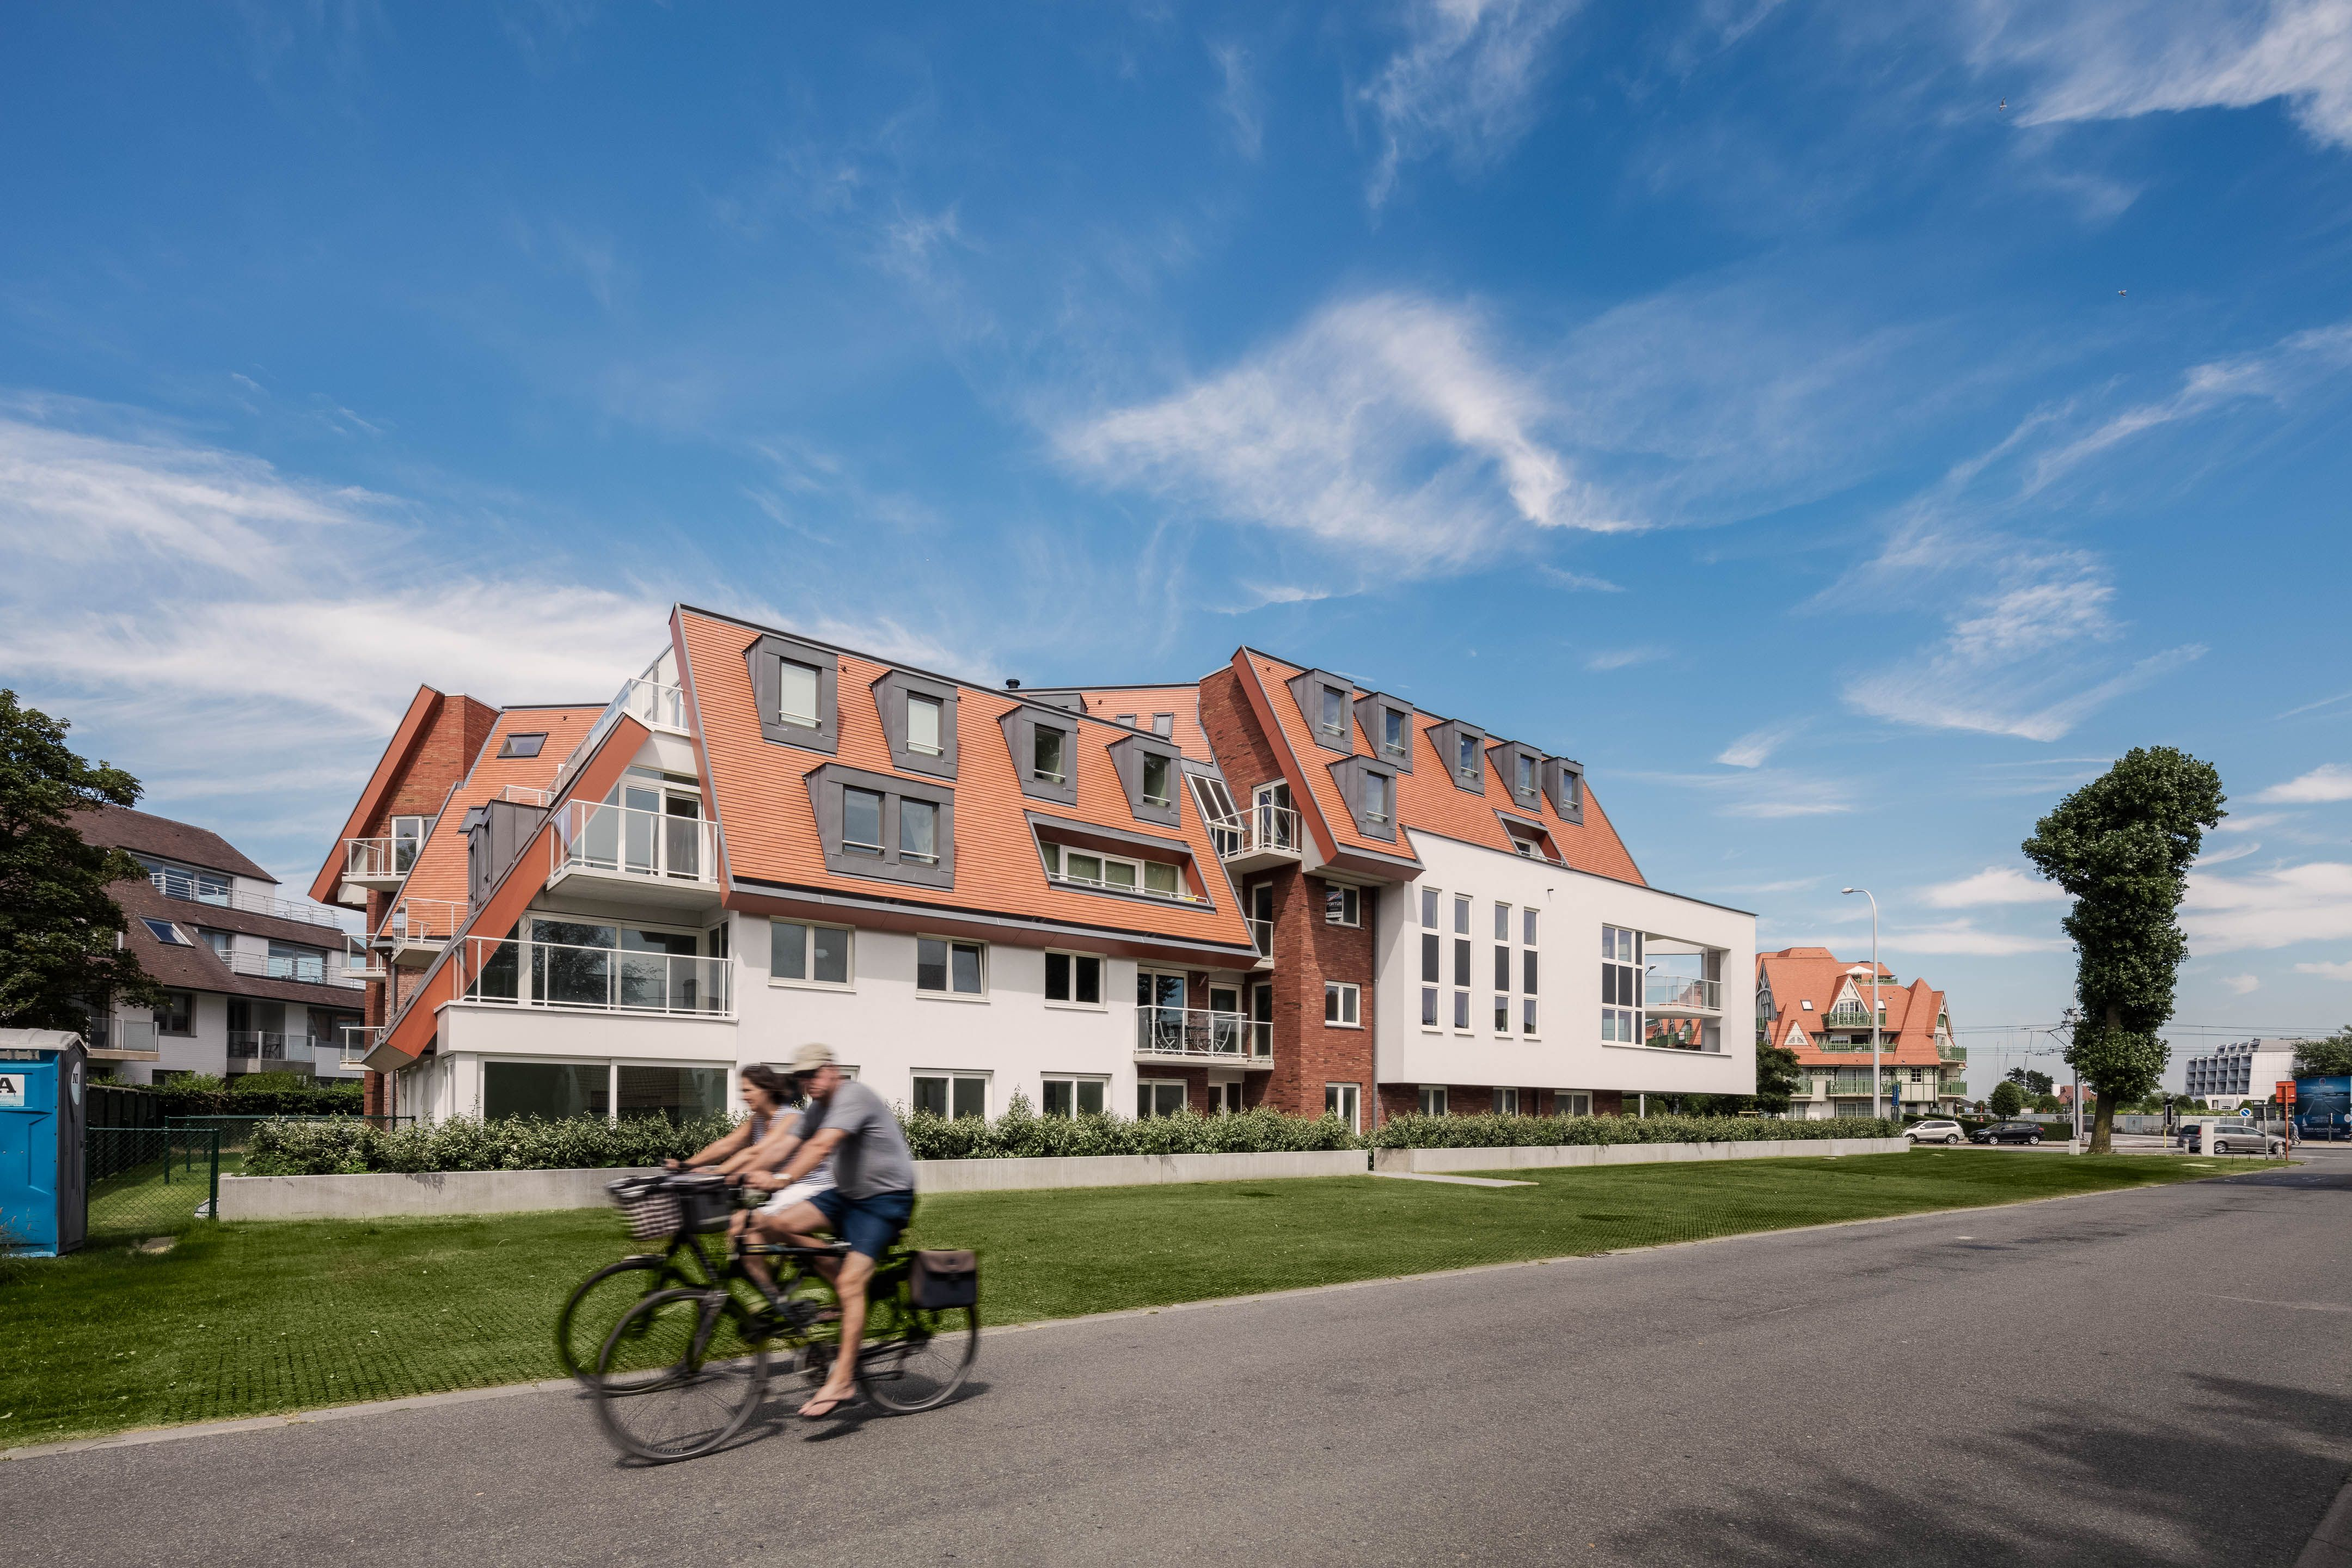 Appartement Residentie Villa Crombez Nieuwpoort - 9349